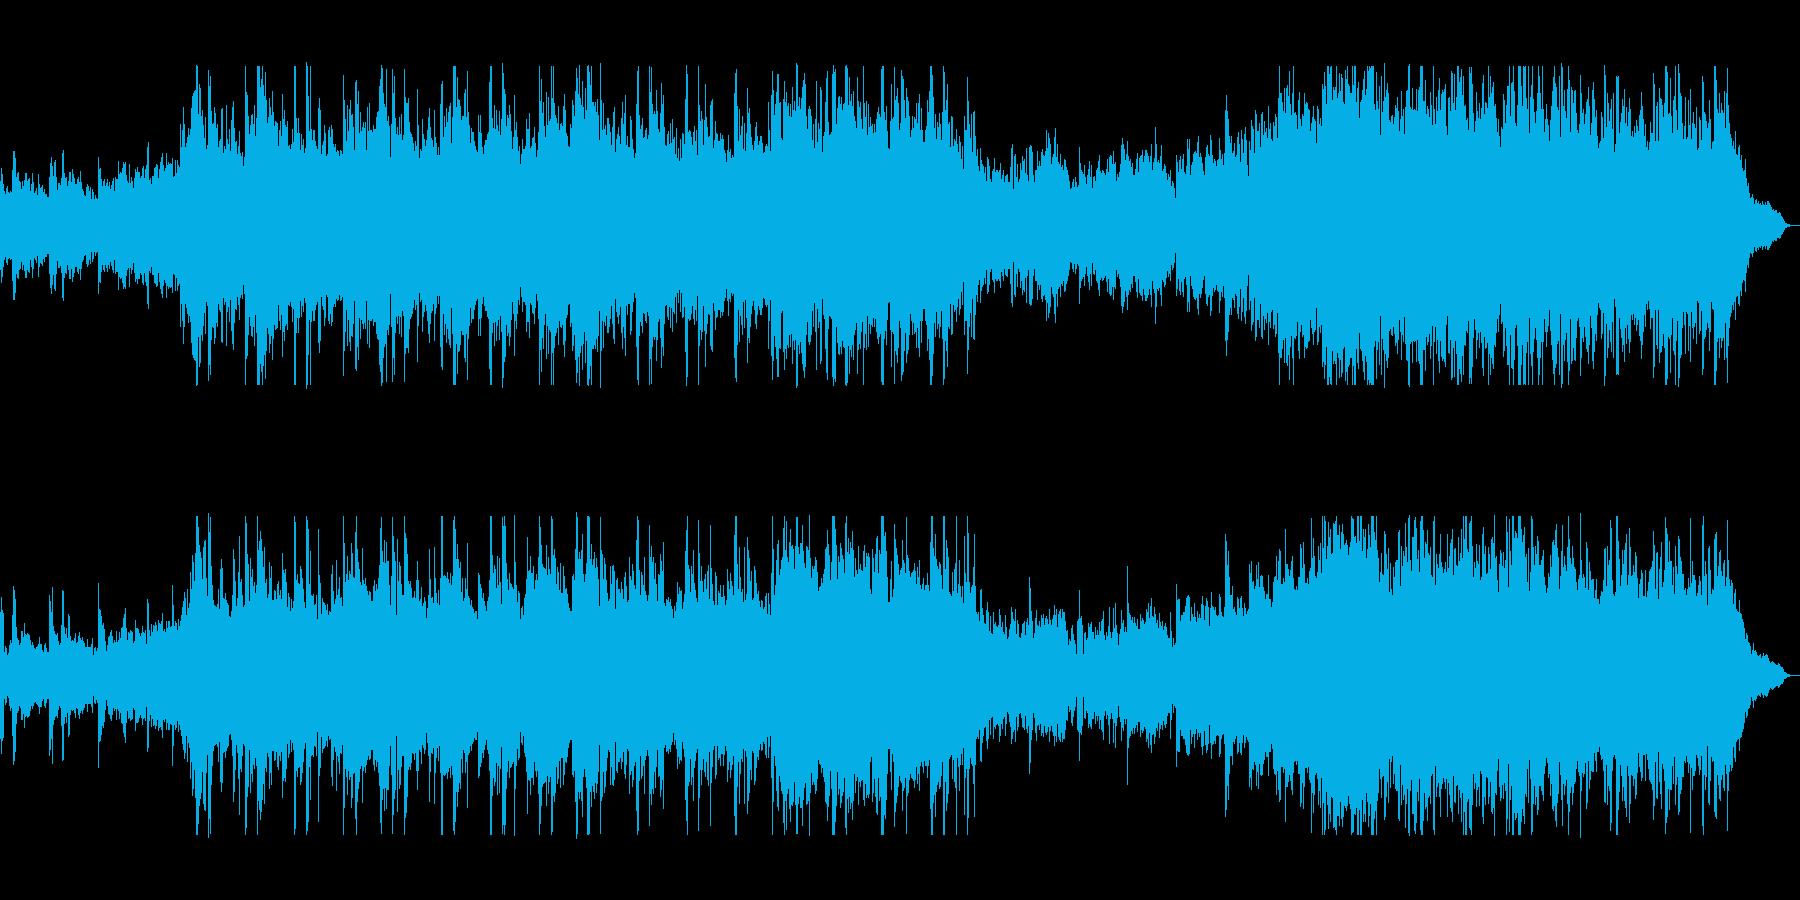 映画の中で使用されるような曲の再生済みの波形